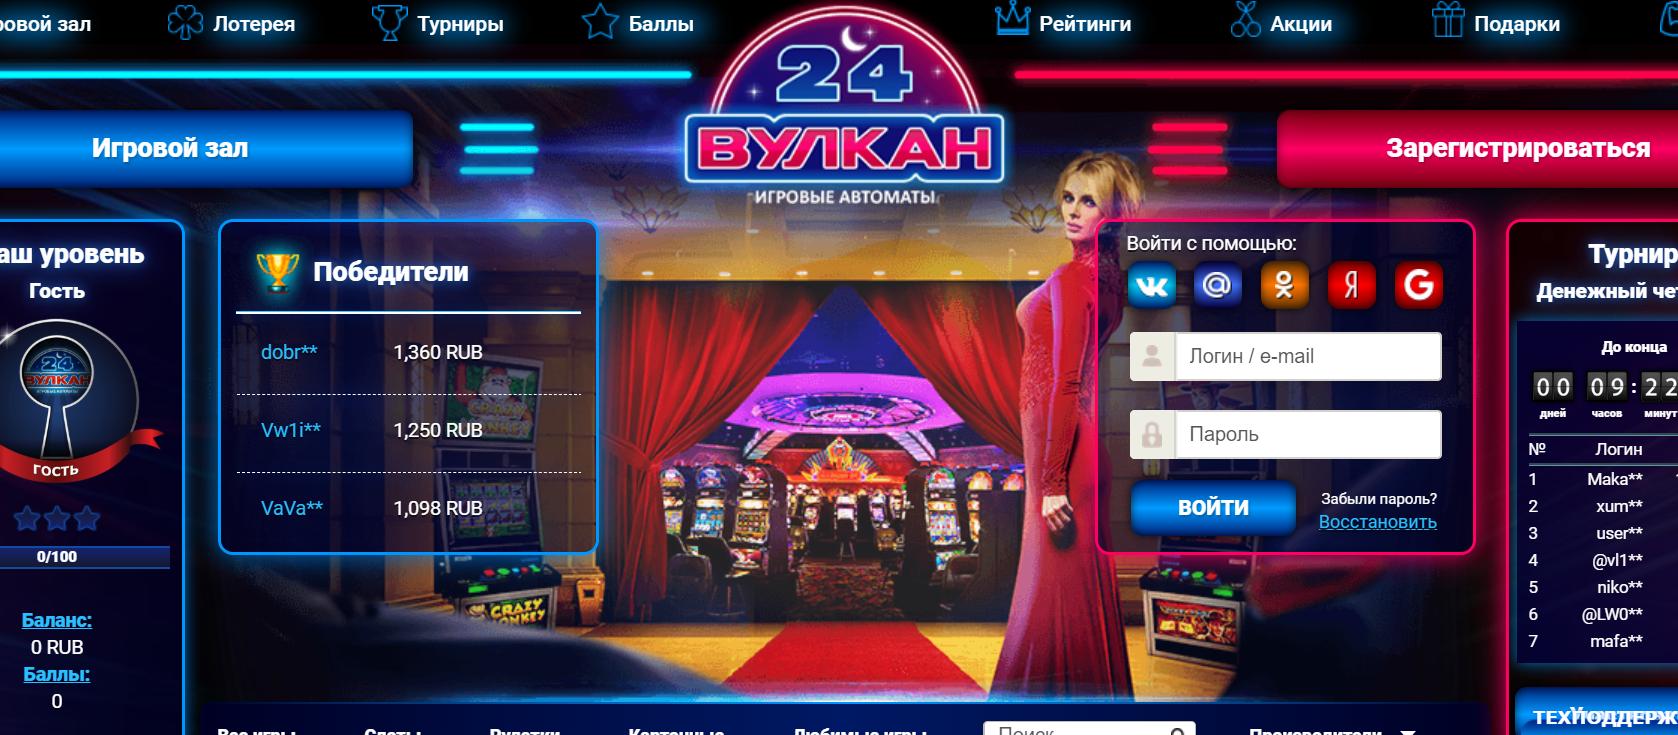 Вулкан 24 - рабочее зеркало популярного онлайн казино